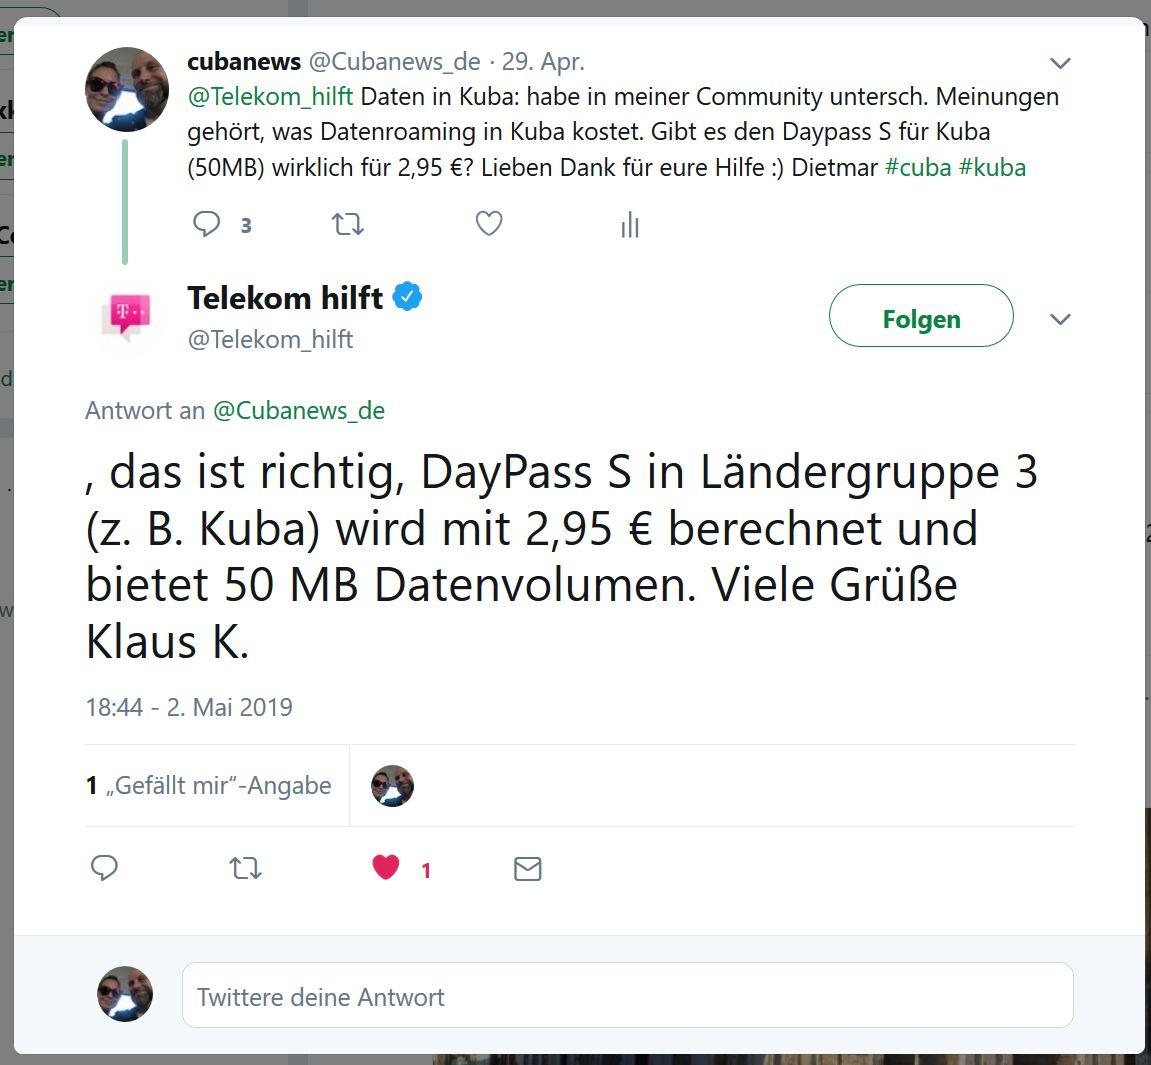 Twitterantwort von Telekom-Hilft